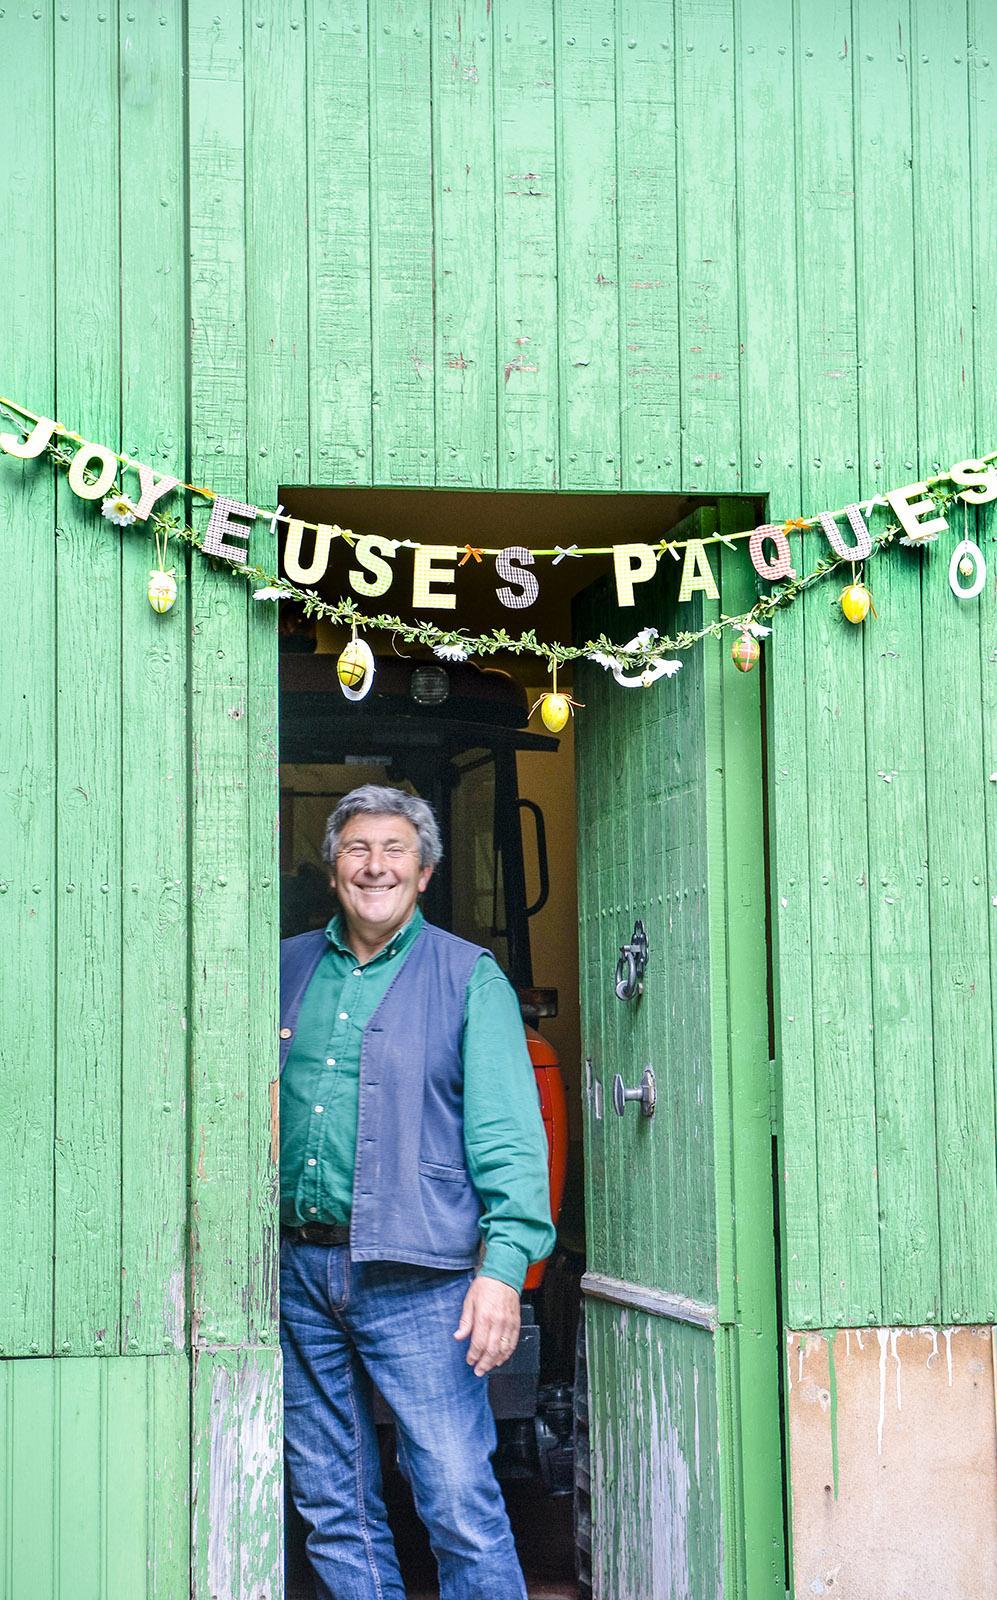 Auch ein Bauer aus Cubières-sur-Cinoble wünscht: Frohe Ostern! Foto: Hilke Maunder